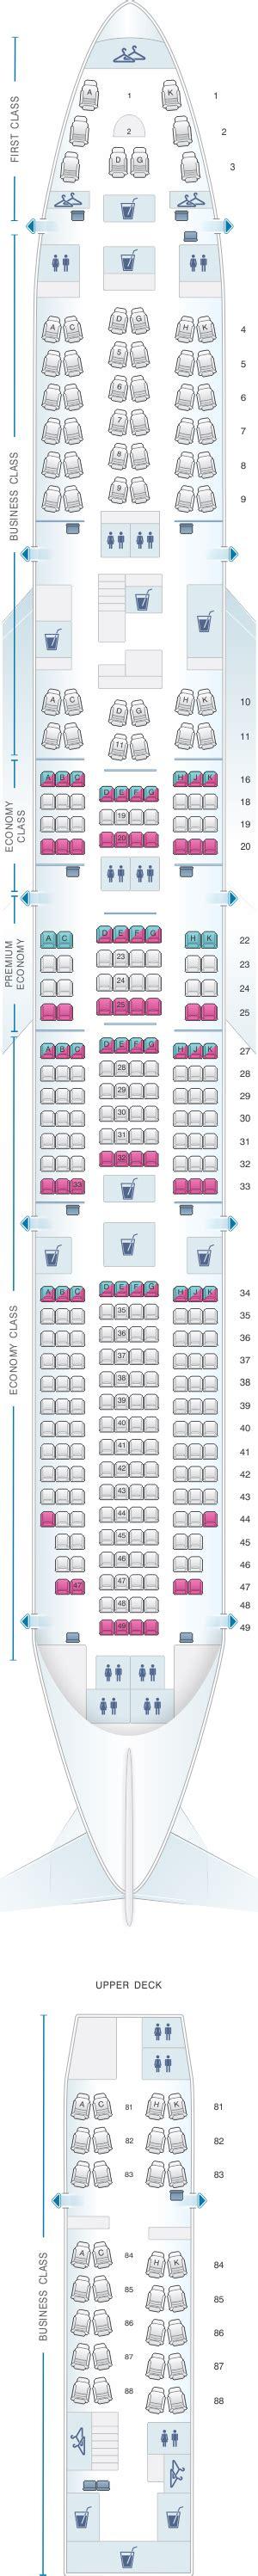 747 8 seat map seat map lufthansa boeing b747 8 364pax seatmaestro